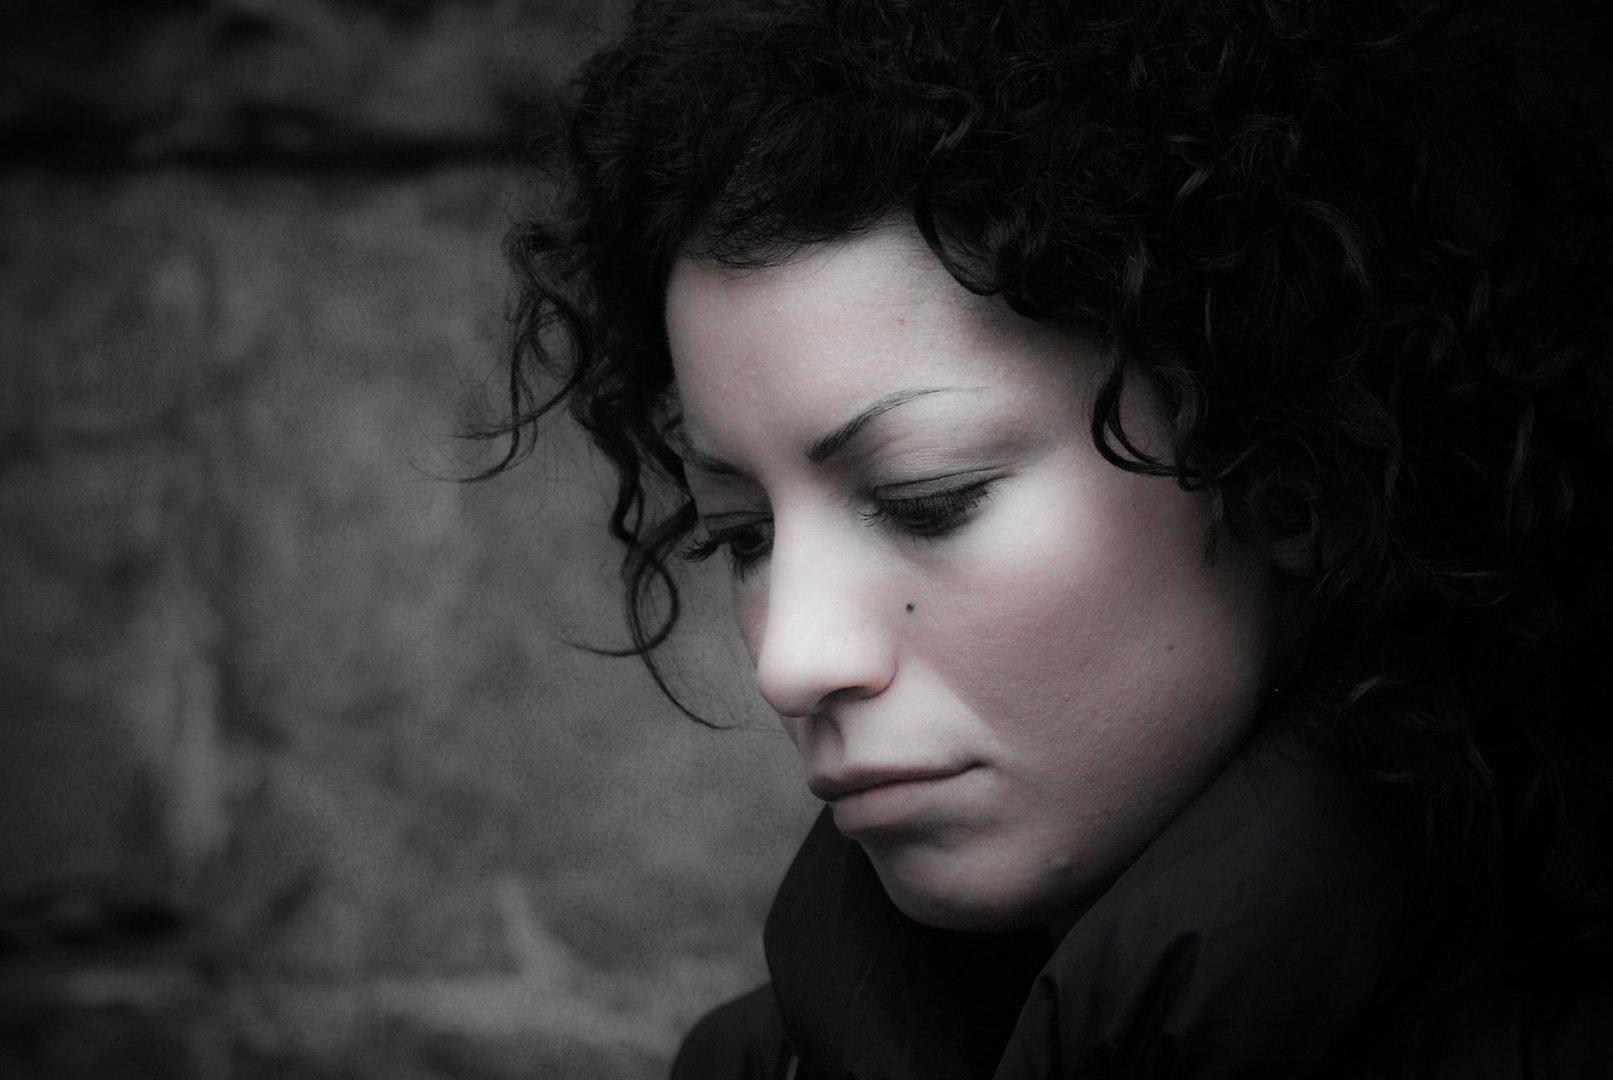 ..Ho camminato per le strade, col sole nei tuoi occhi, ci vuole un attimo per dirsi addio..